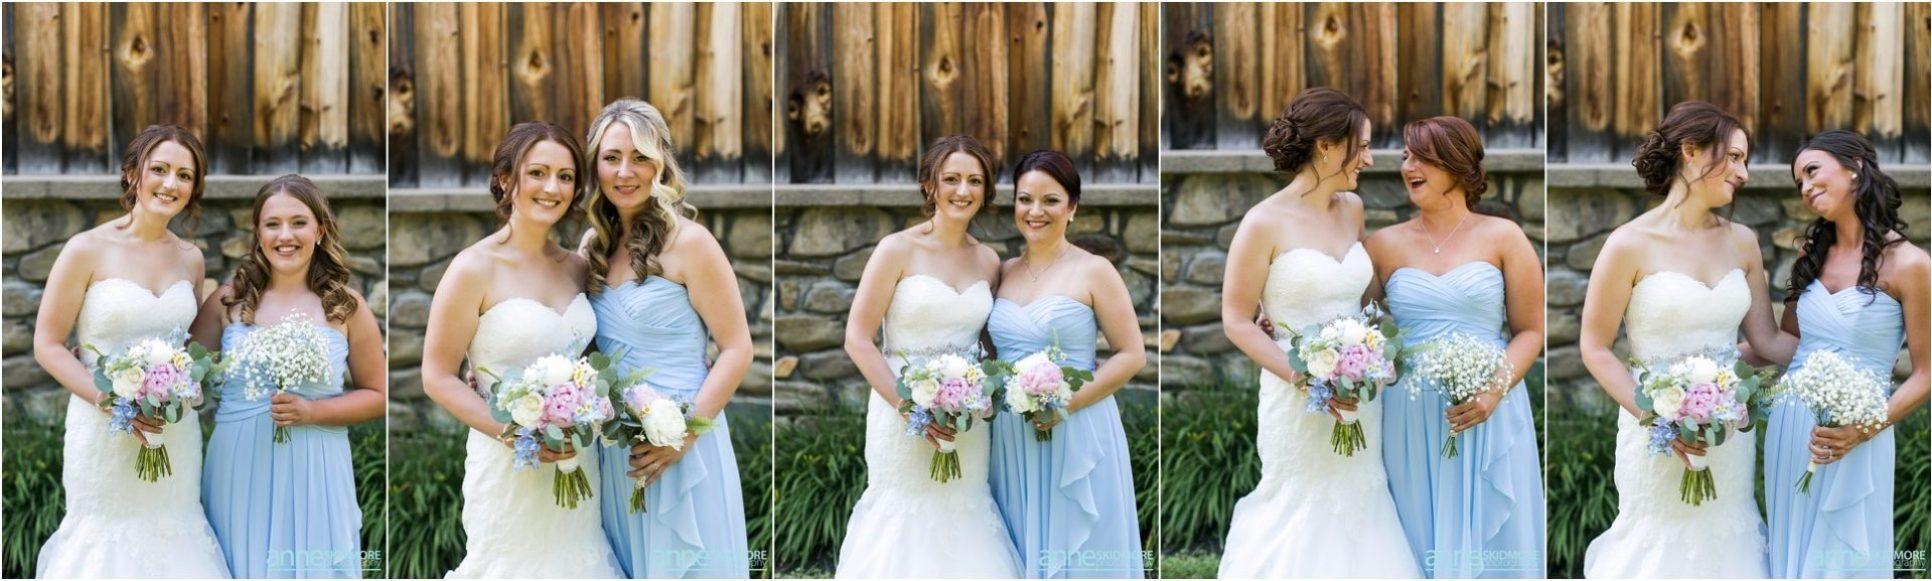 Whitneys_Inn_Wedding_0026